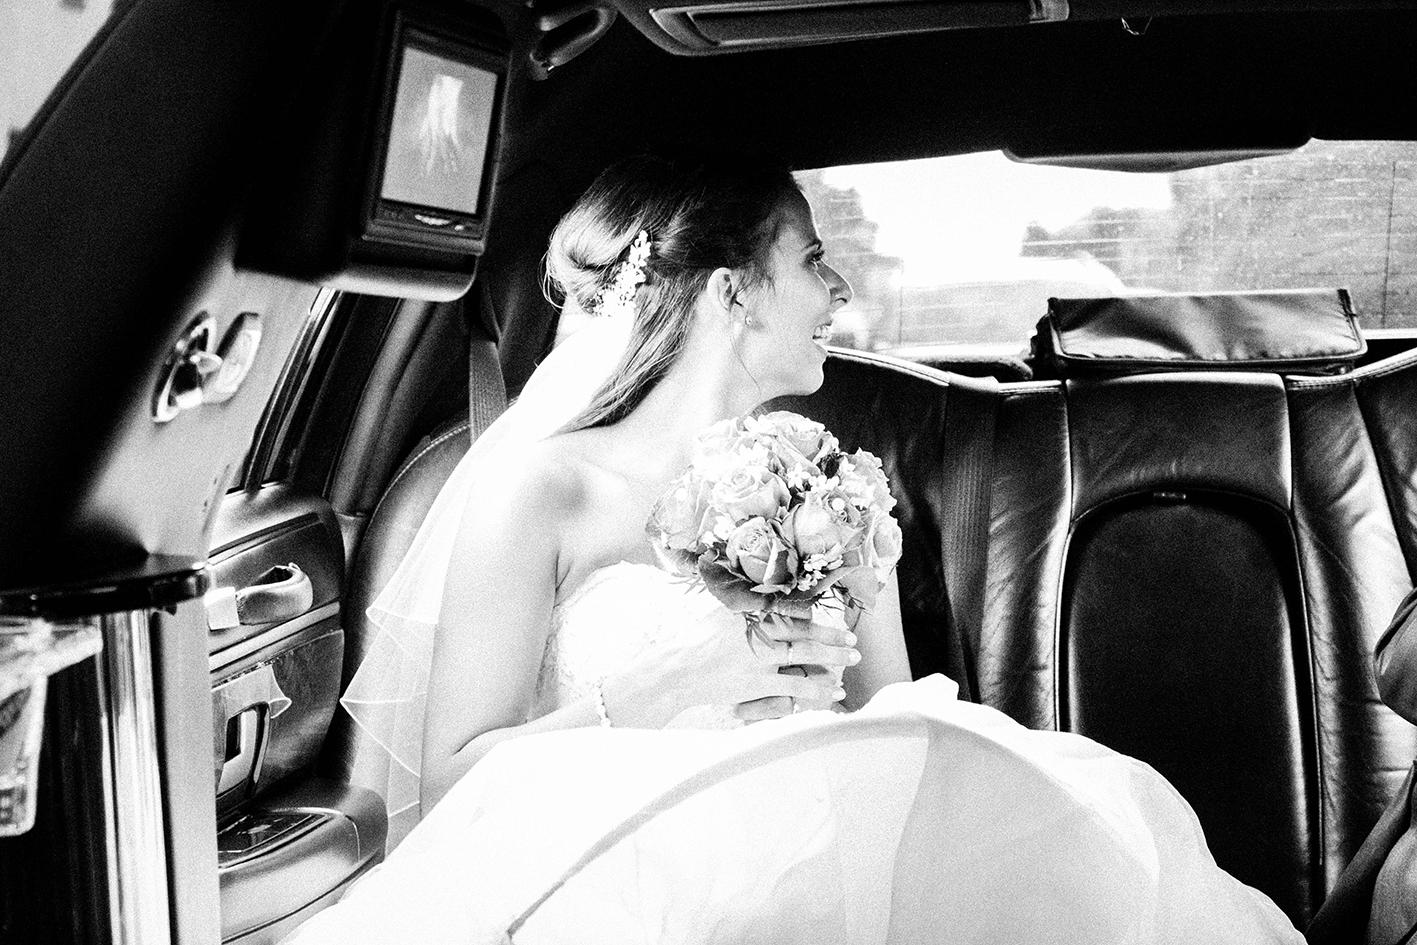 lensofbeauty - Hochzeitsfotos -  - maria brussig - hochzeit - berlin -  (36)